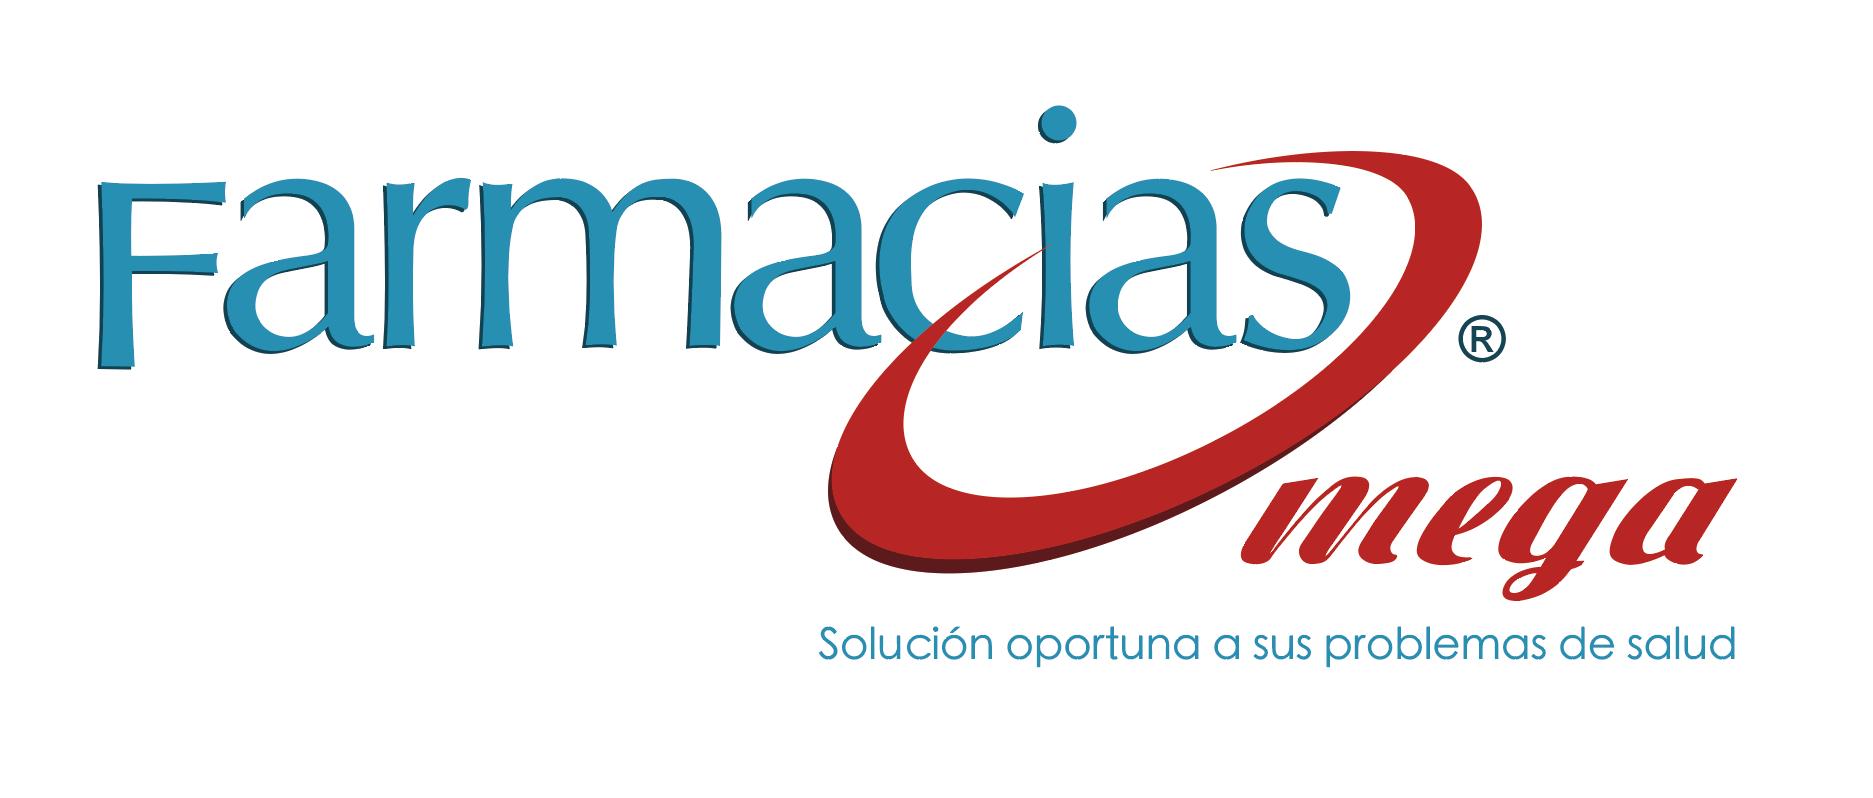 Farmacias Omega